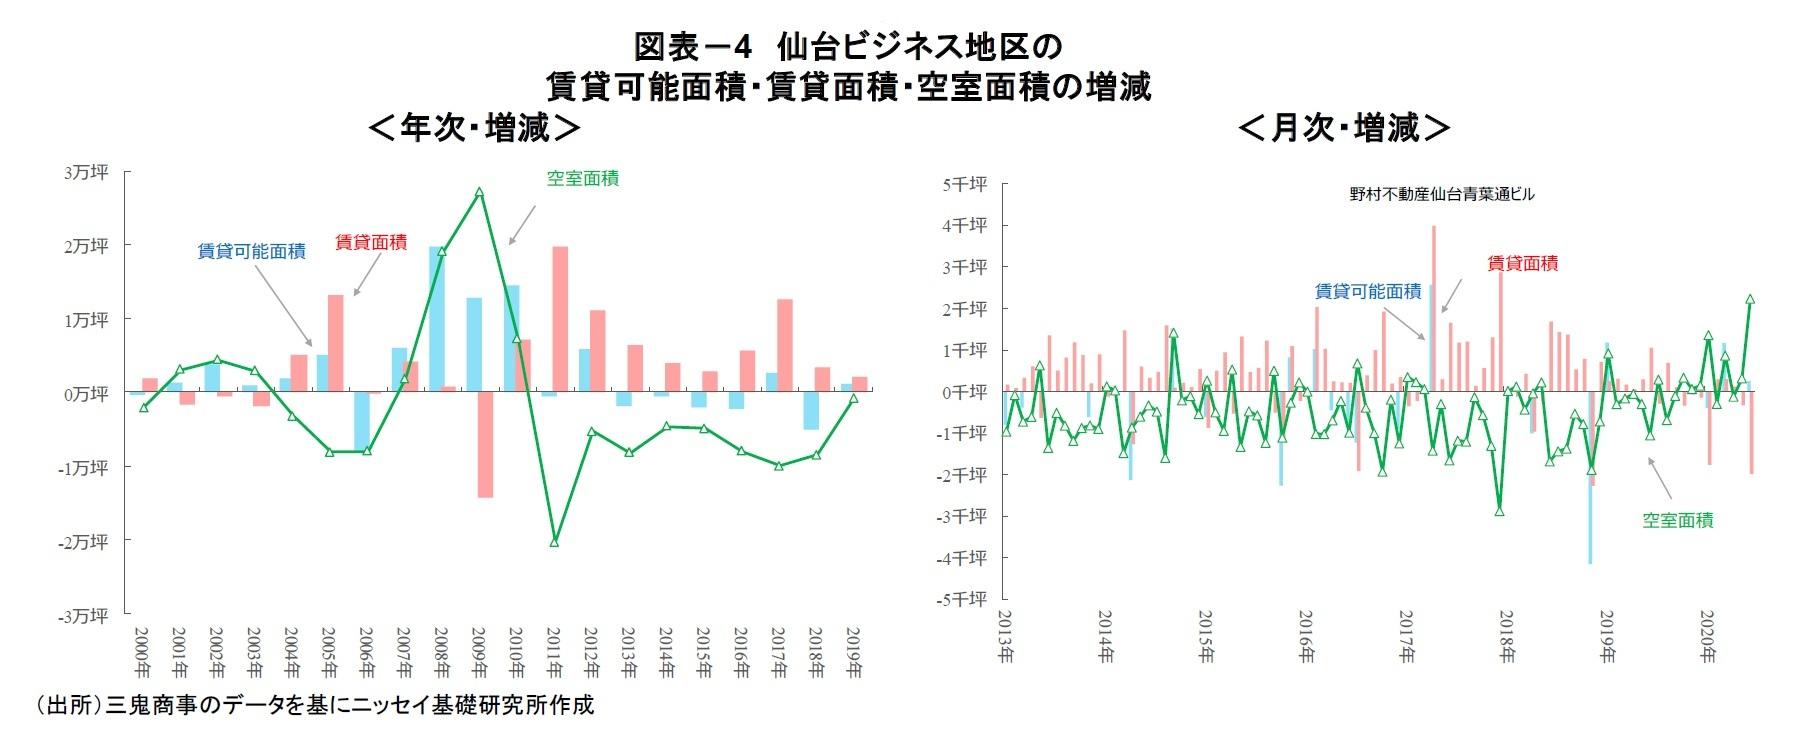 図表-4 仙台ビジネス地区の賃貸可能面積・賃貸面積・空室面積の増減